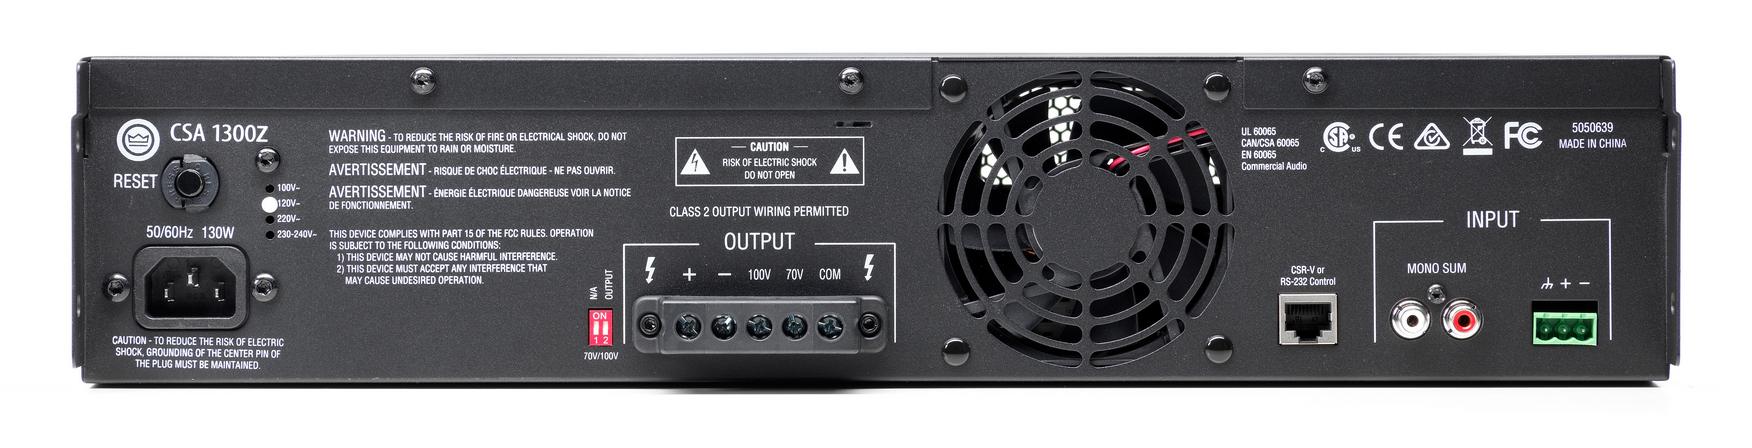 Commercial Amplifier, 300 Watt,70v, 2RU